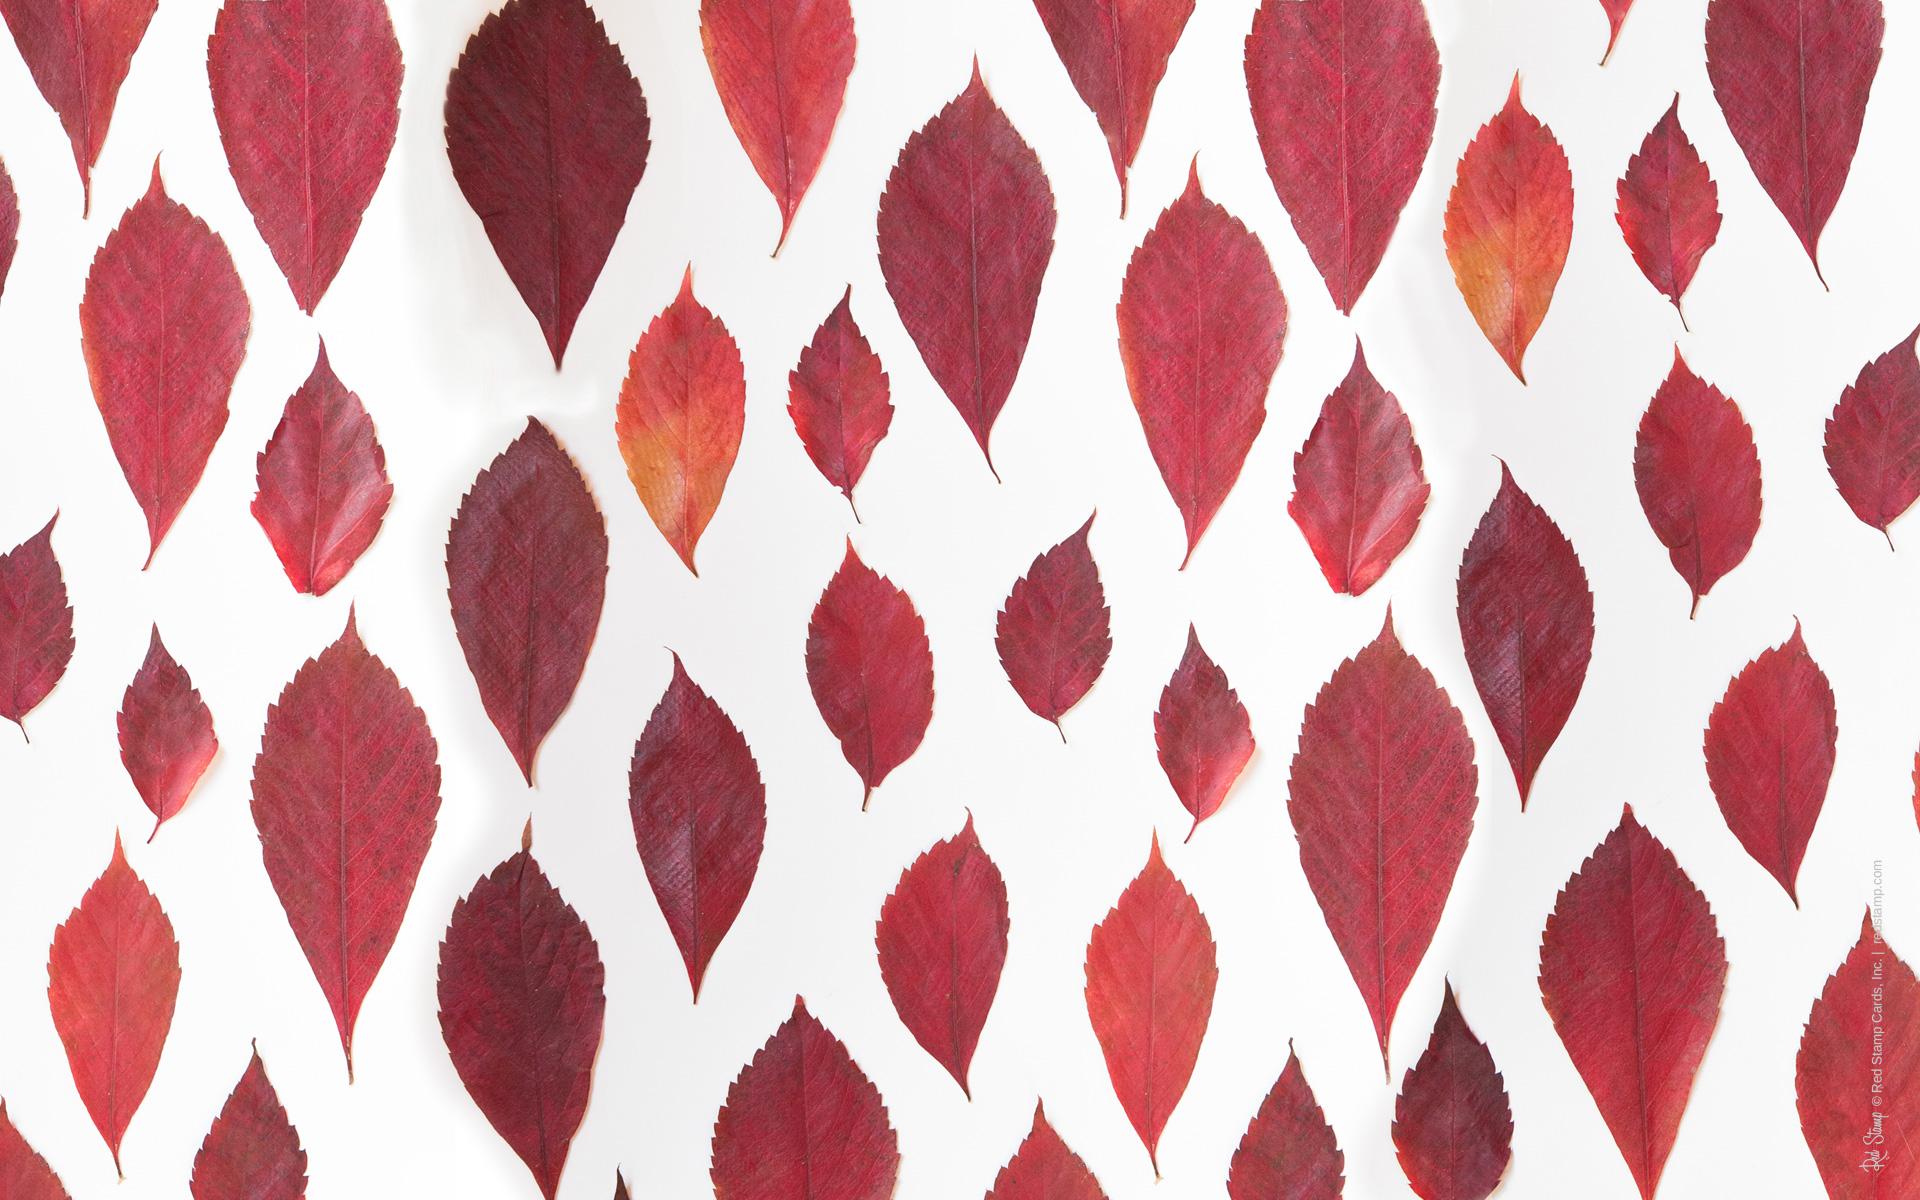 Fall In Love Wallpaper November Wallpapers Hd Free Download Pixelstalk Net